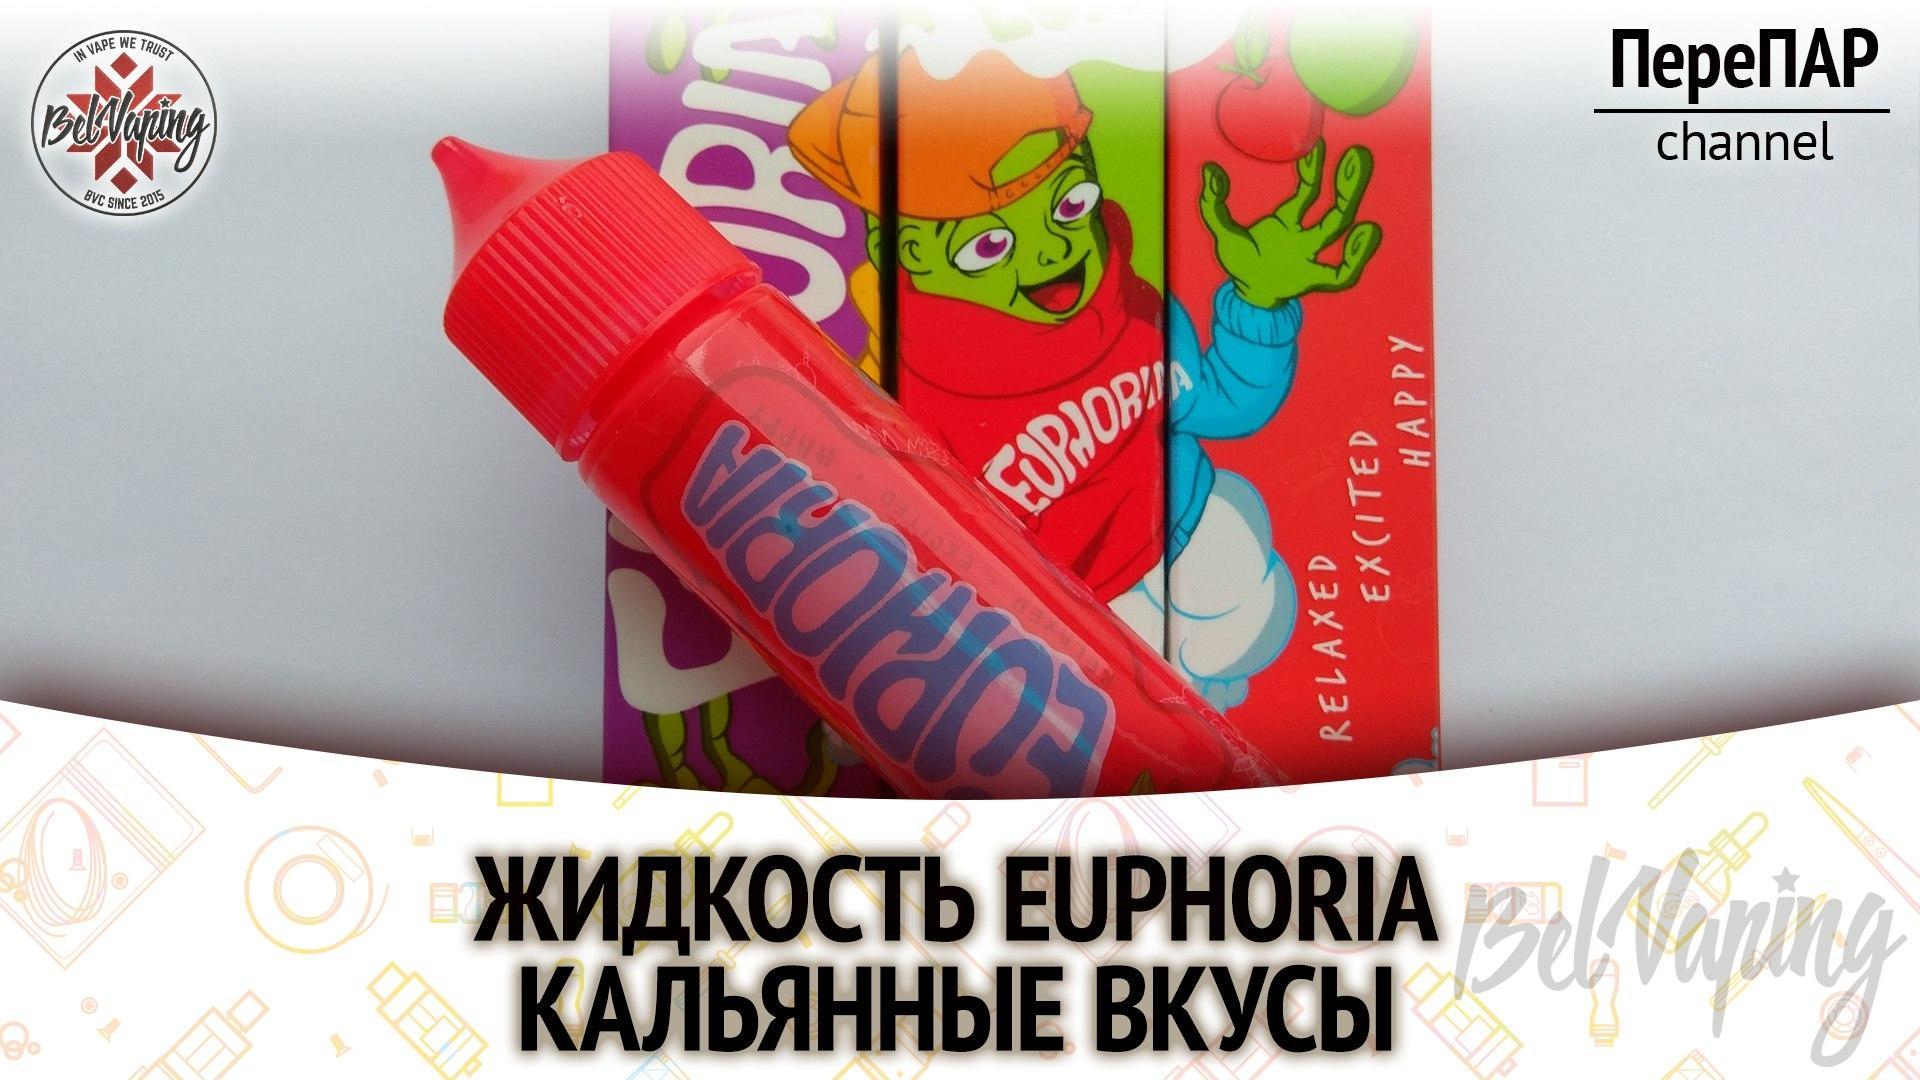 Обзор жидкости Euphoria